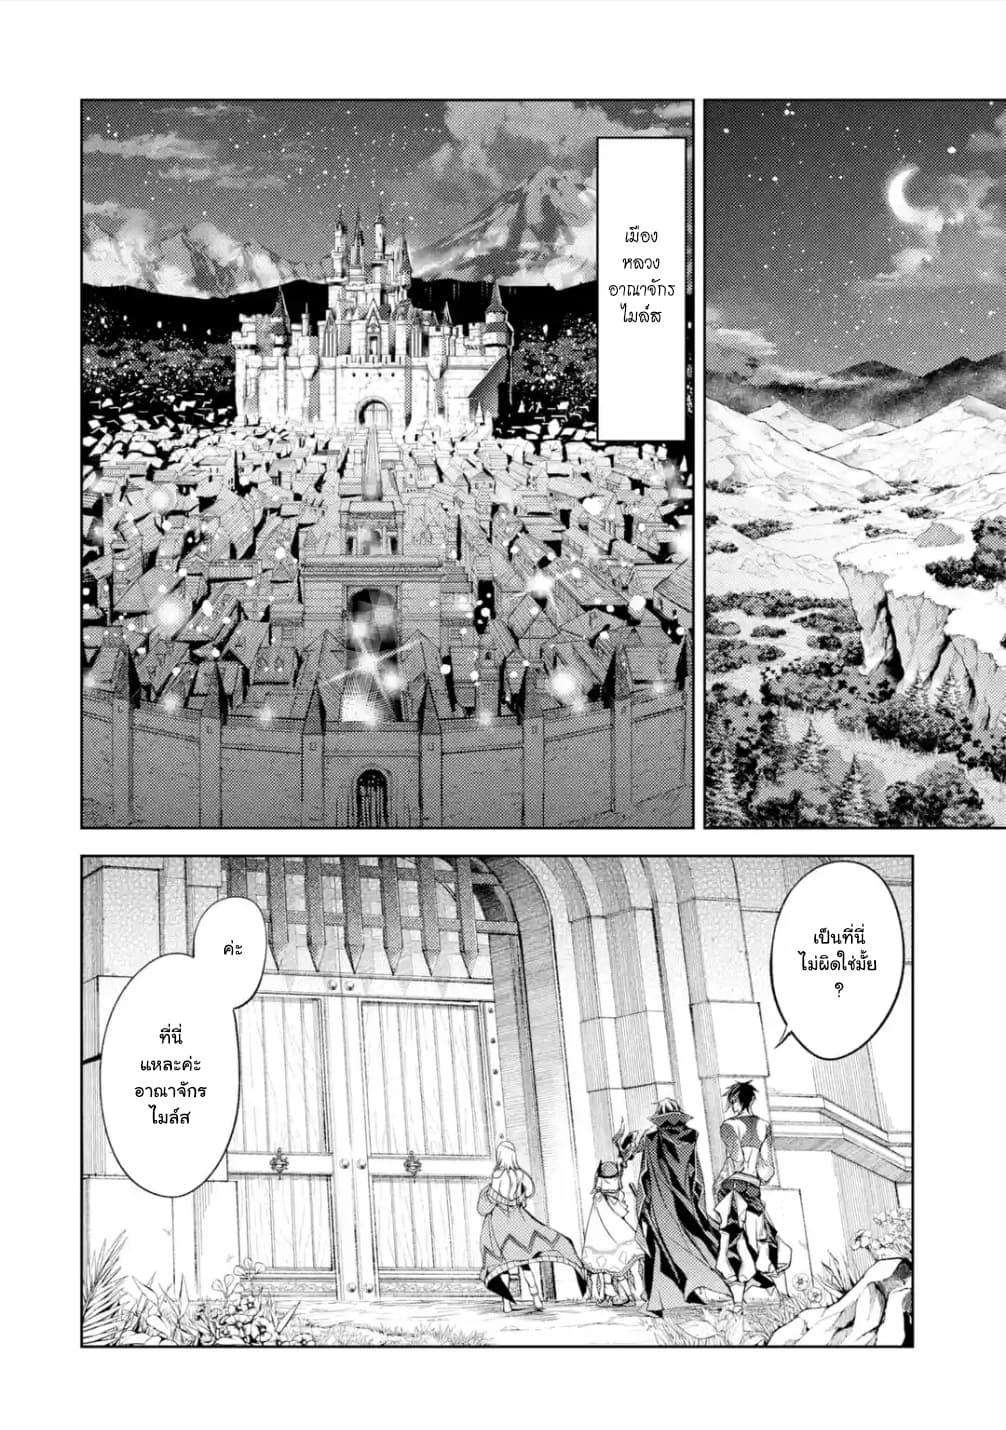 อ่านการ์ตูน Senmetsumadou no Saikyokenja ตอนที่ 4.4 หน้าที่ 5